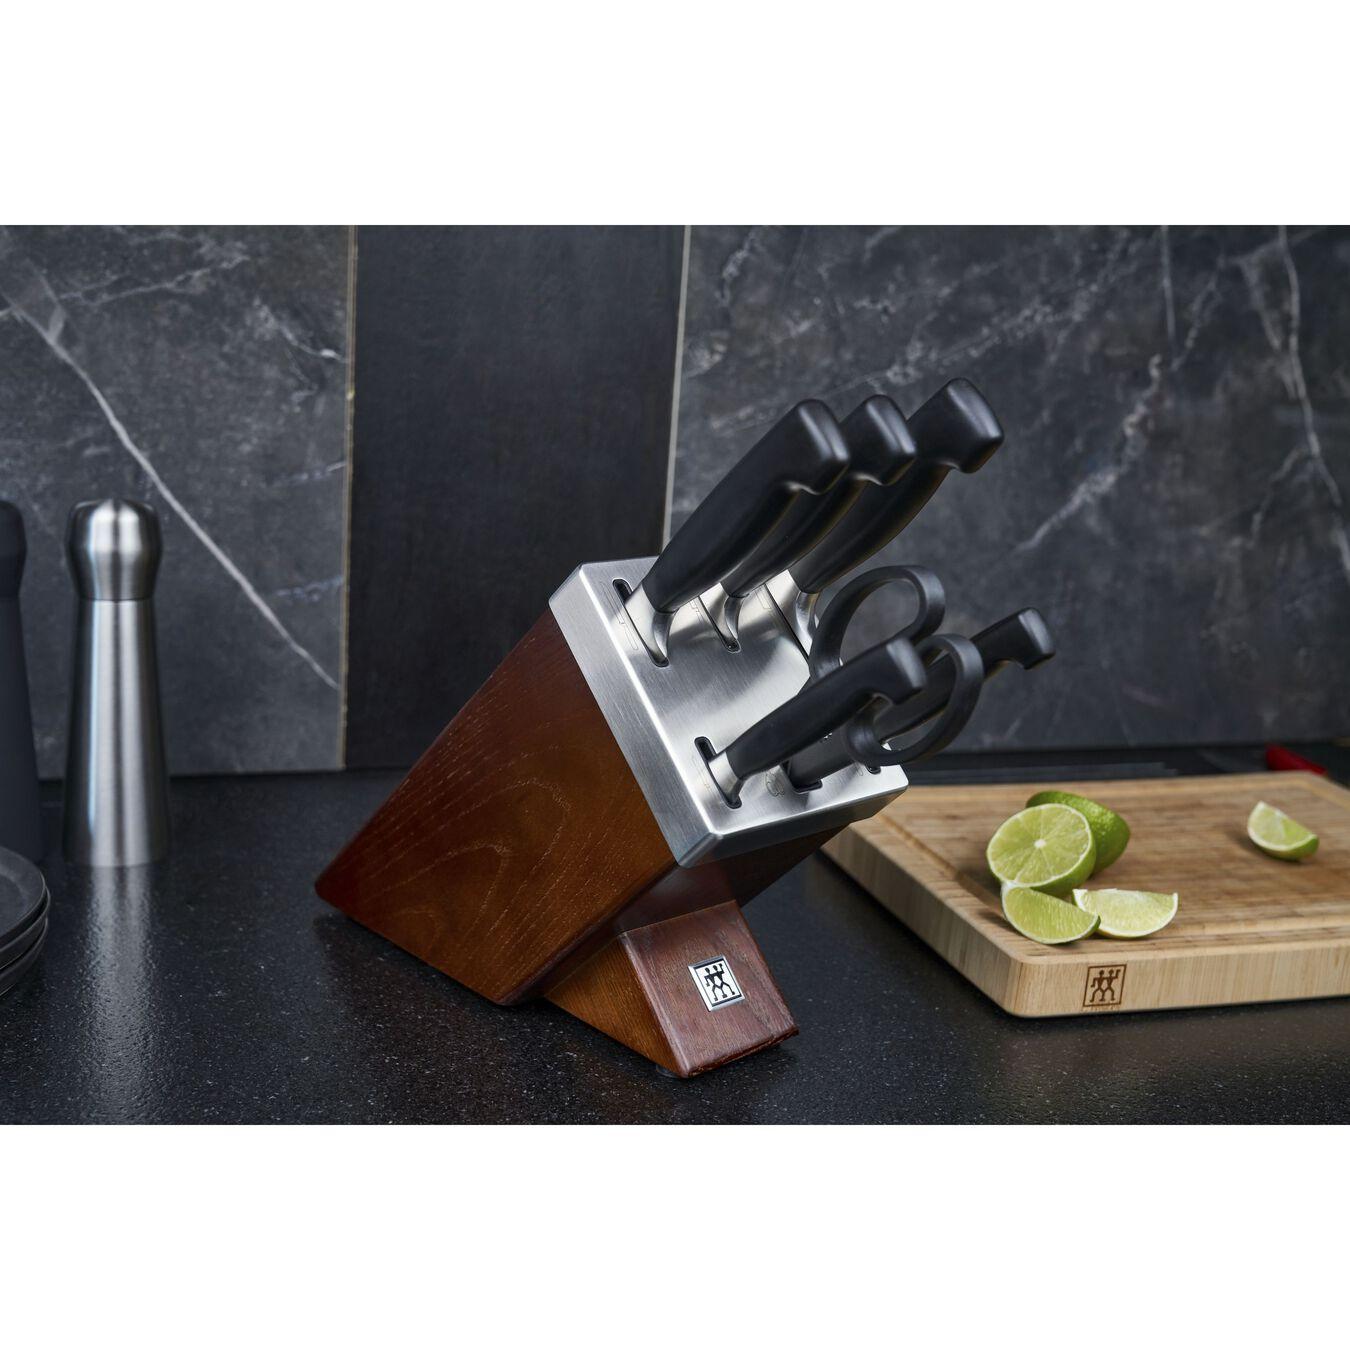 Set di coltelli con ceppo con sistema autoaffilante - 7-pz.,,large 7